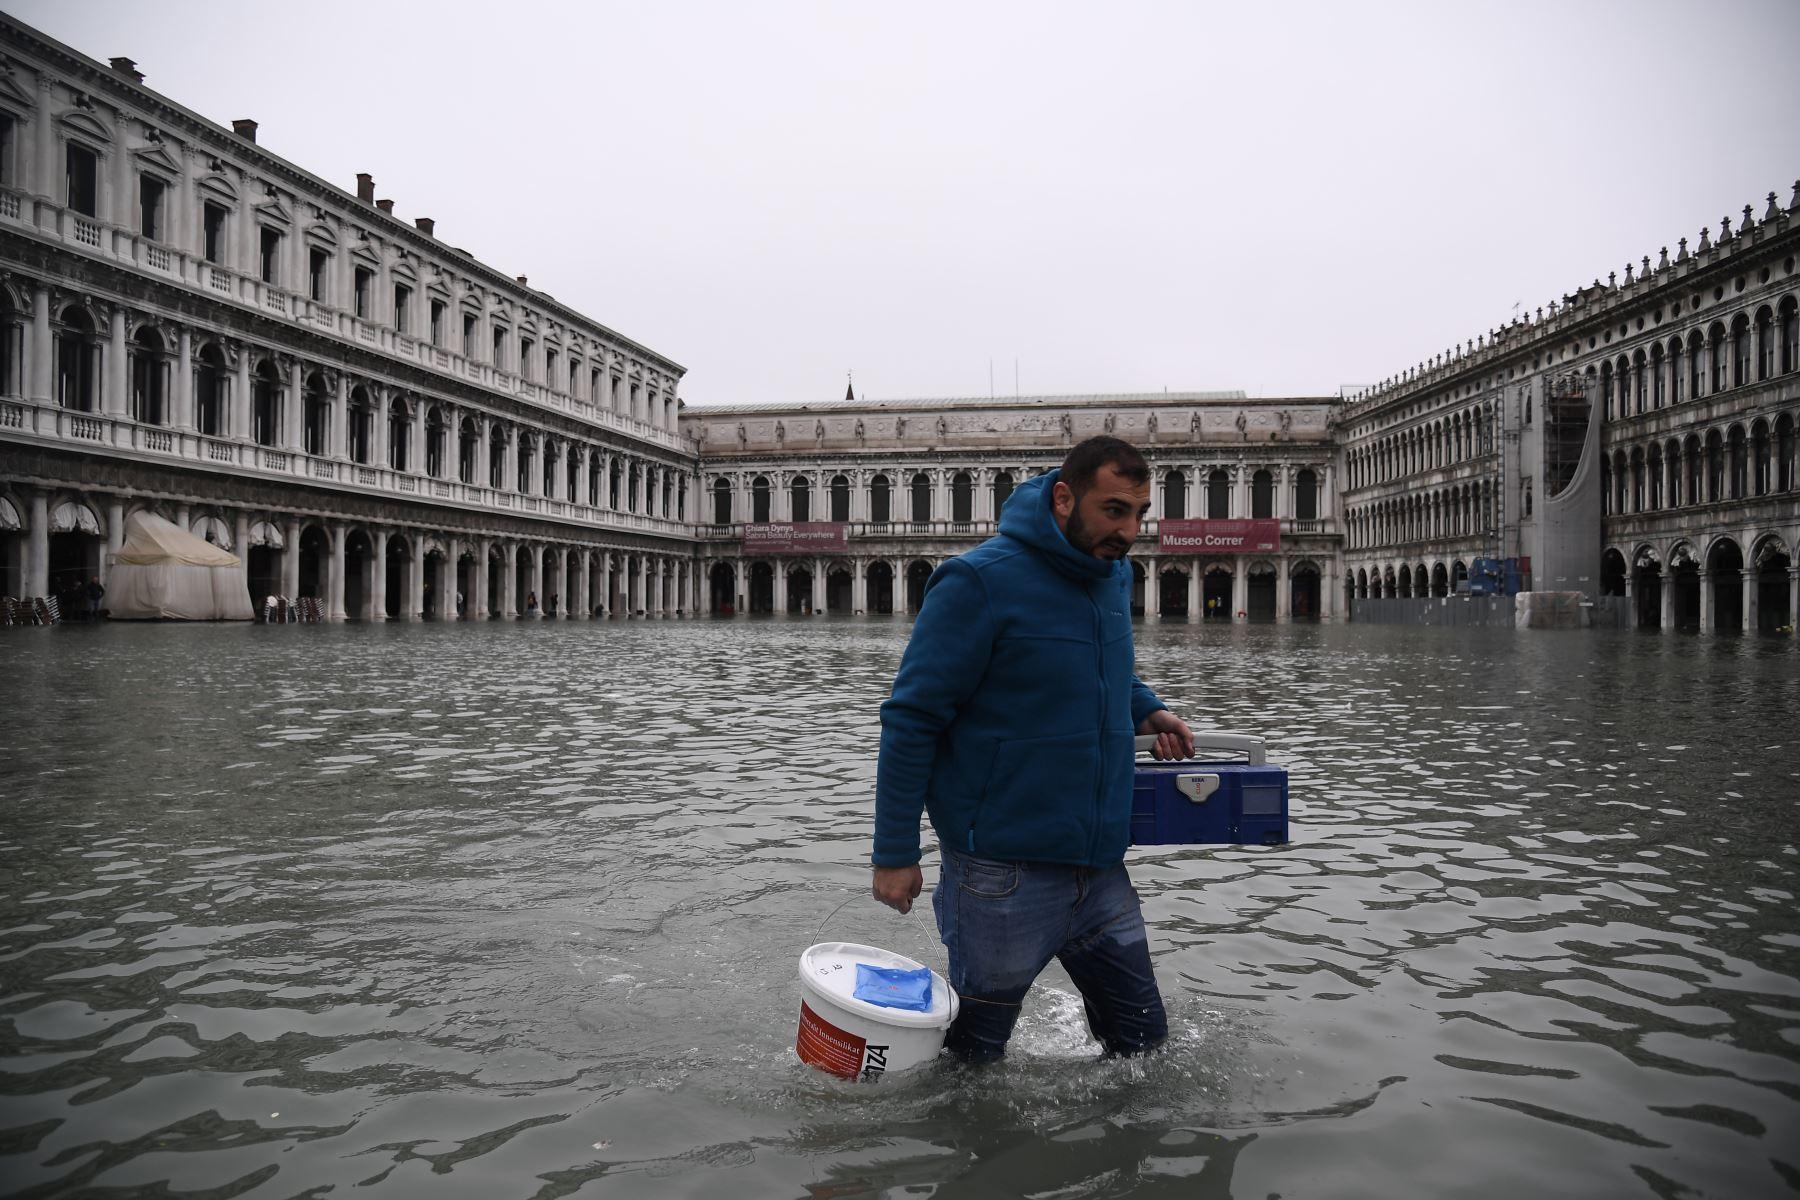 Un hombre con botas de muslo y equipo de transporte cruza la inundada plaza de San Marcos después de un excepcional nivel de agua durante la marea alta en Venecia. Foto: AFP